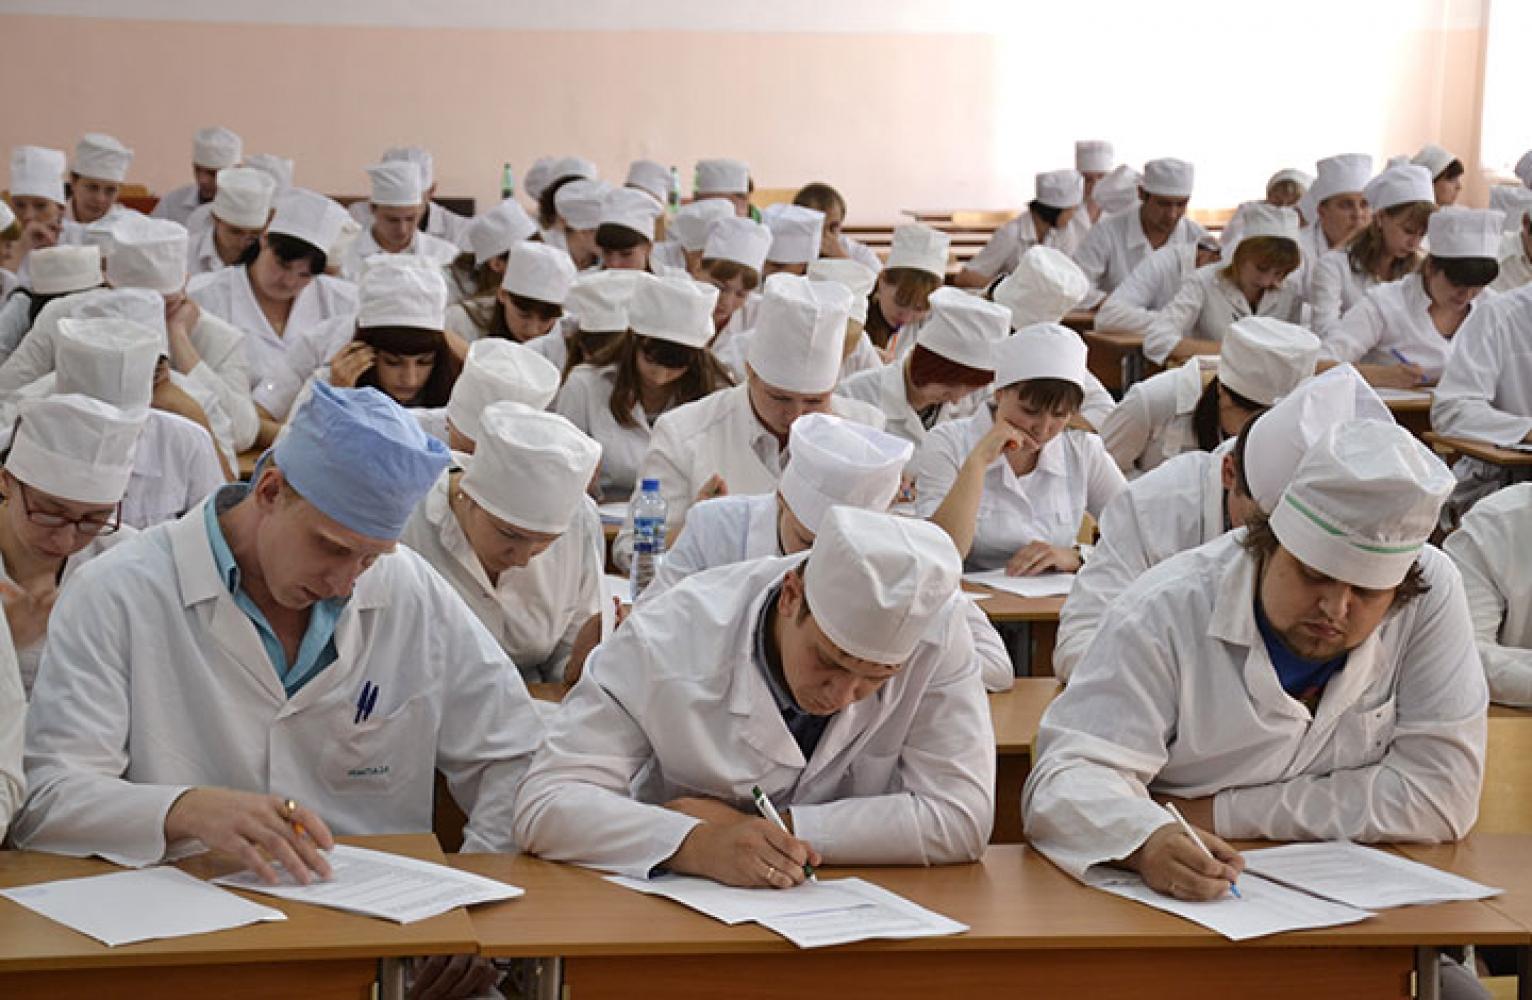 Минздрав привлекает студентов для помощи врачам в борьбе с коронавирусом 4